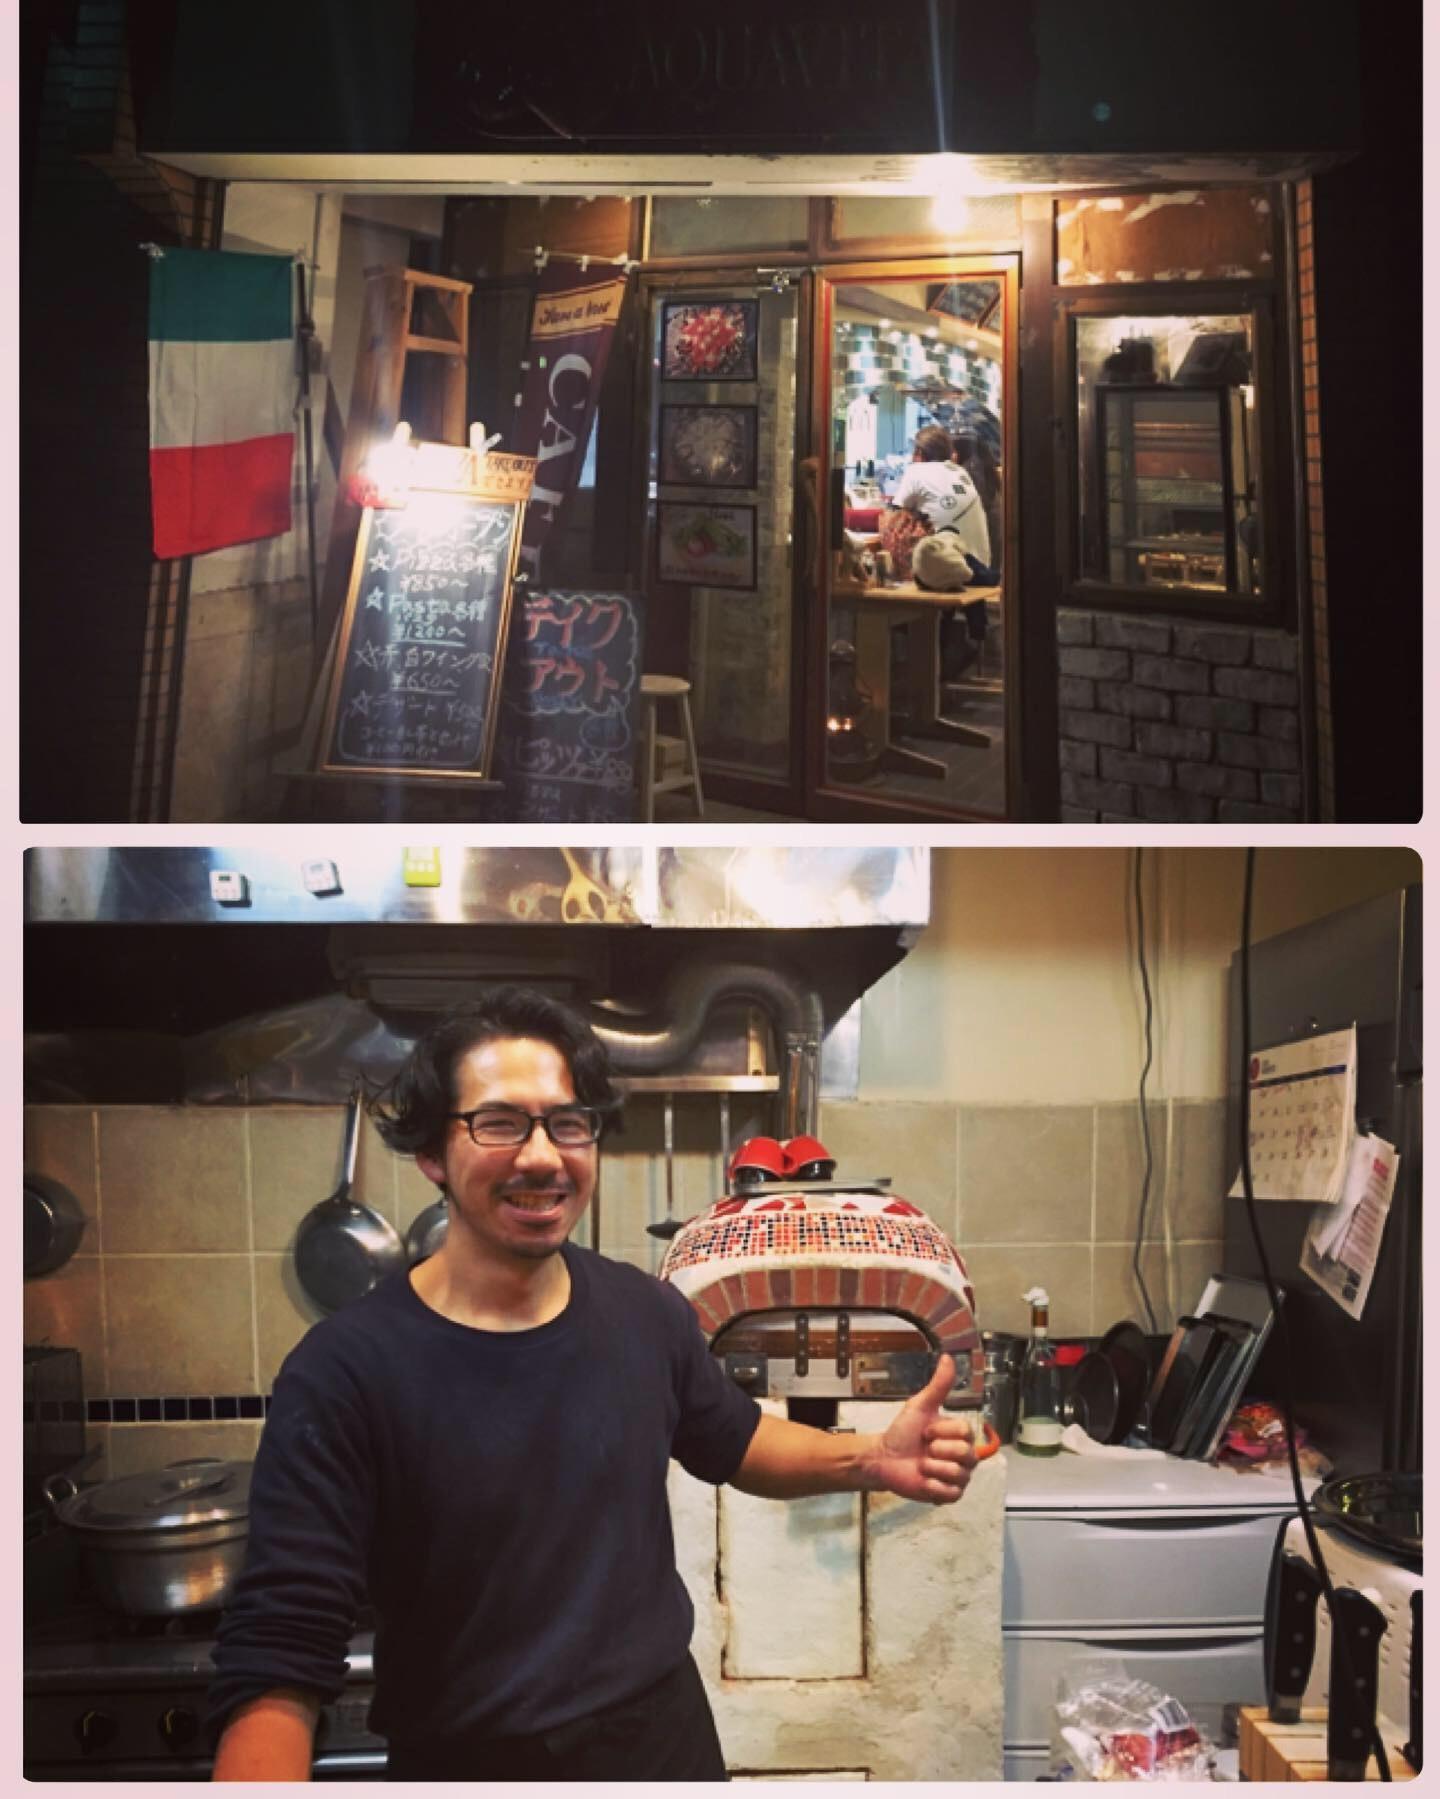 イタリアンレストラン_c0331145_23054334.jpg